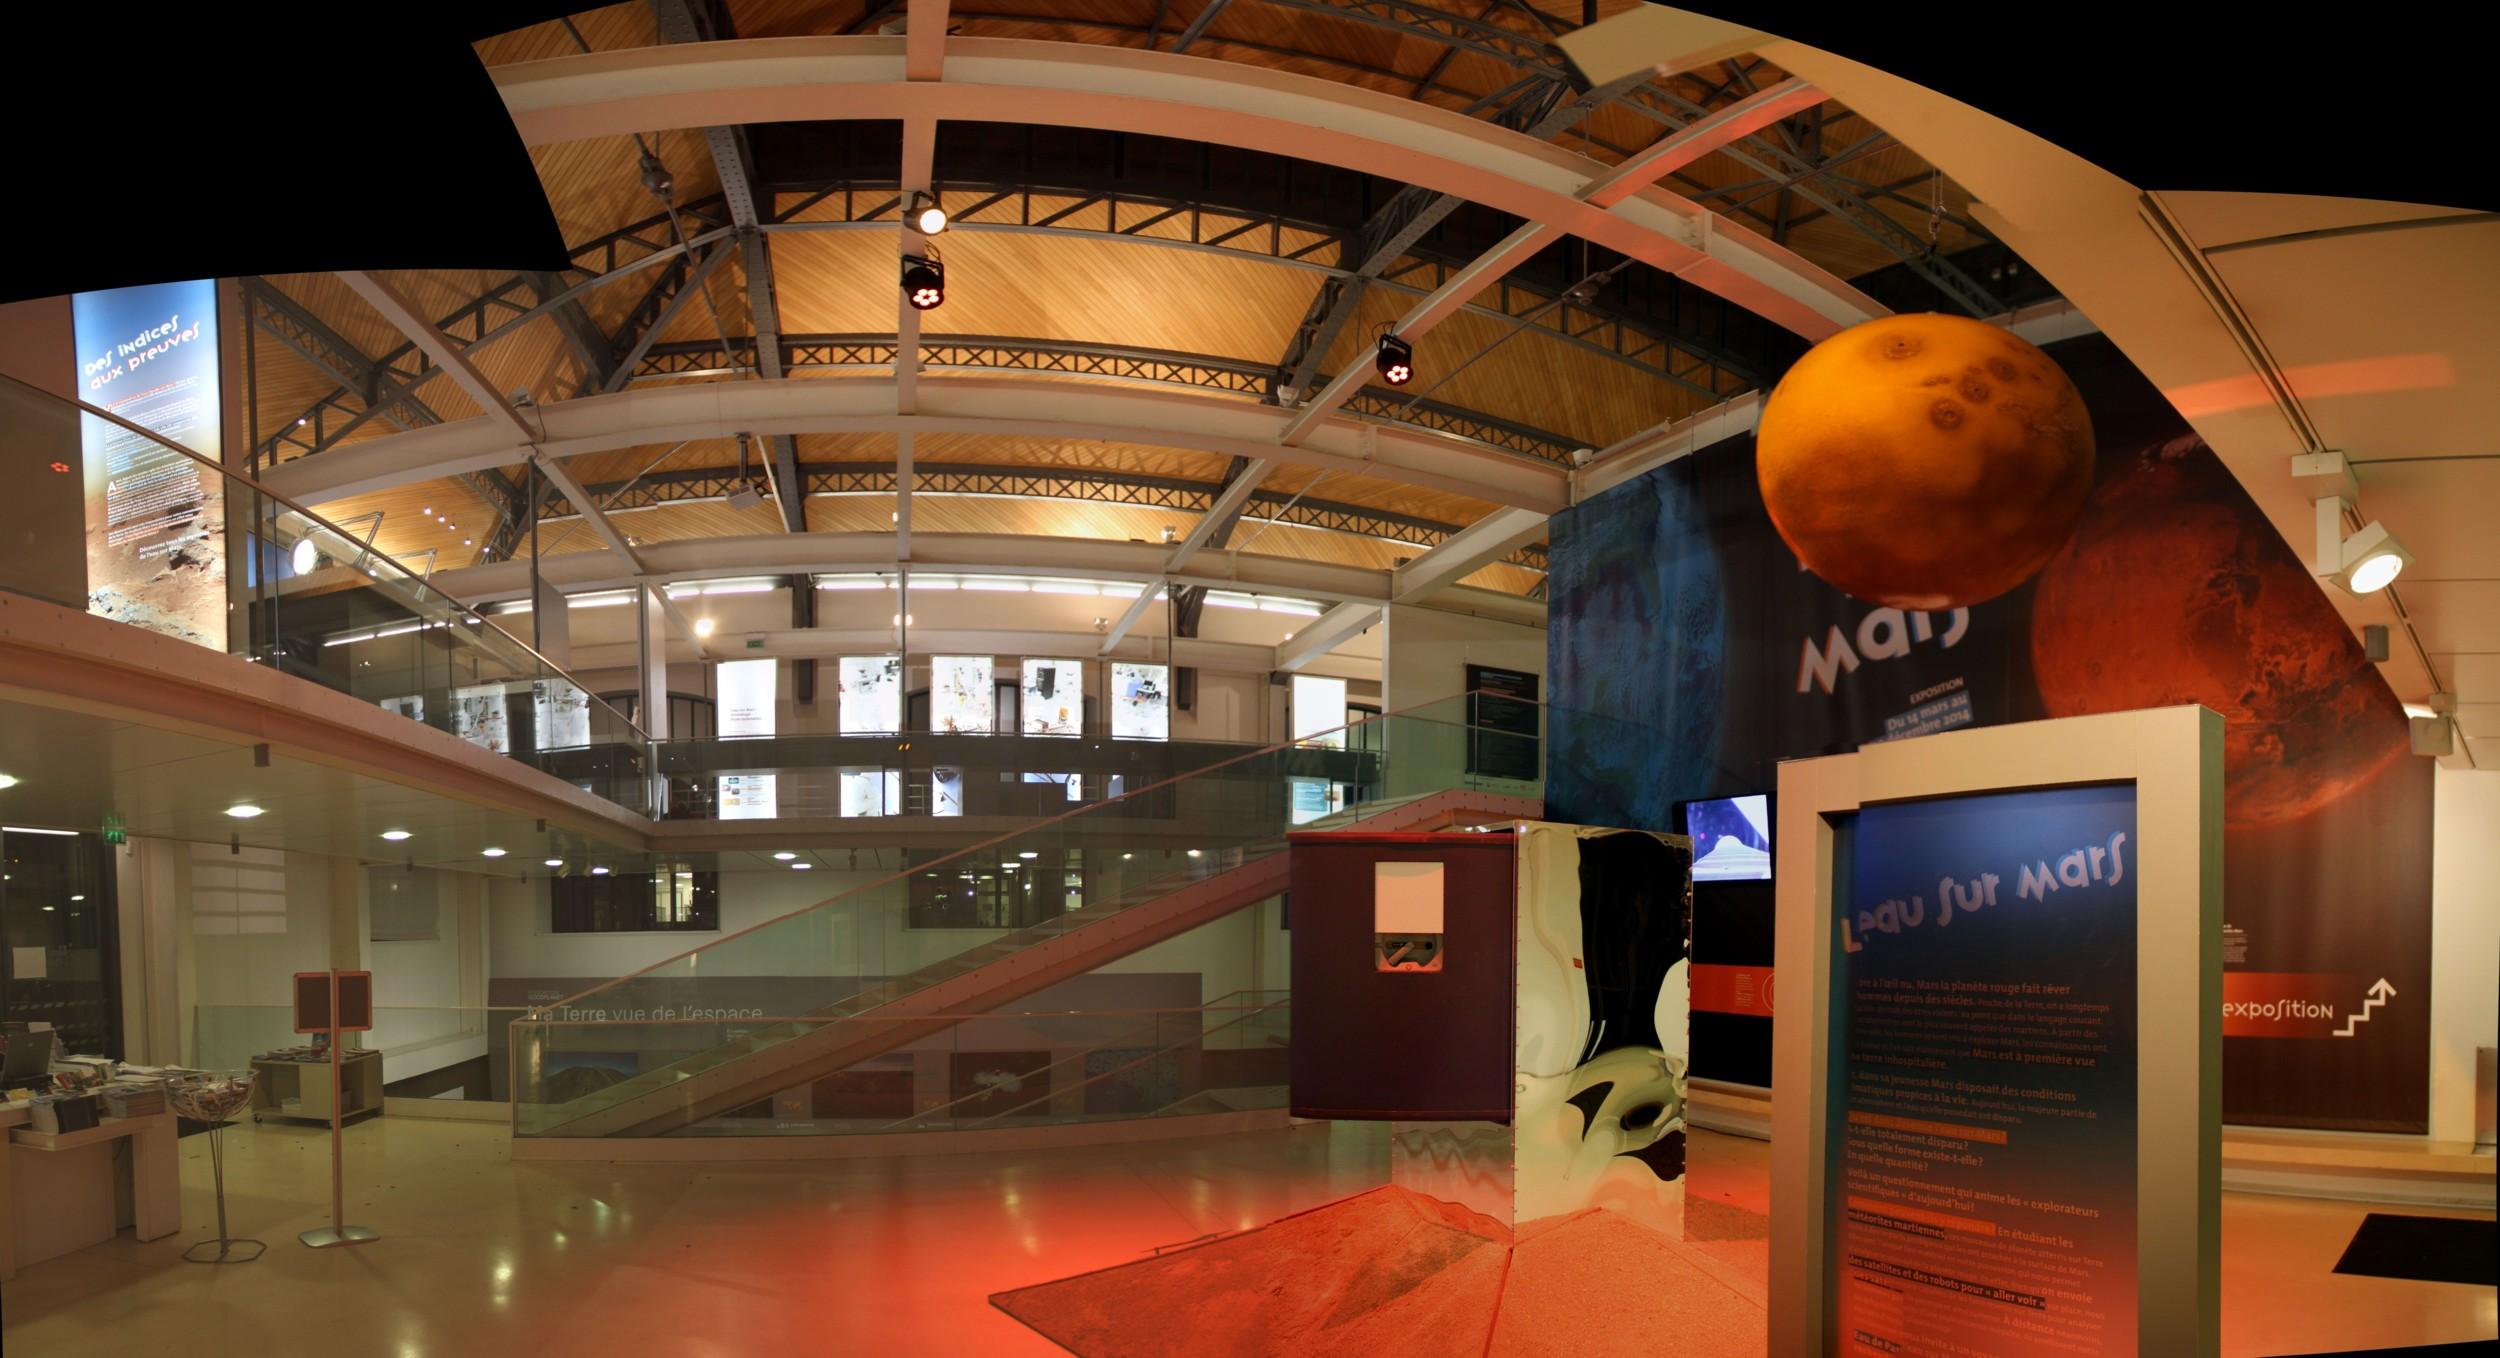 14 12 18 - 17h 26m 28s - expo l'eau sur mars pavillon de l'eau_stitch trr